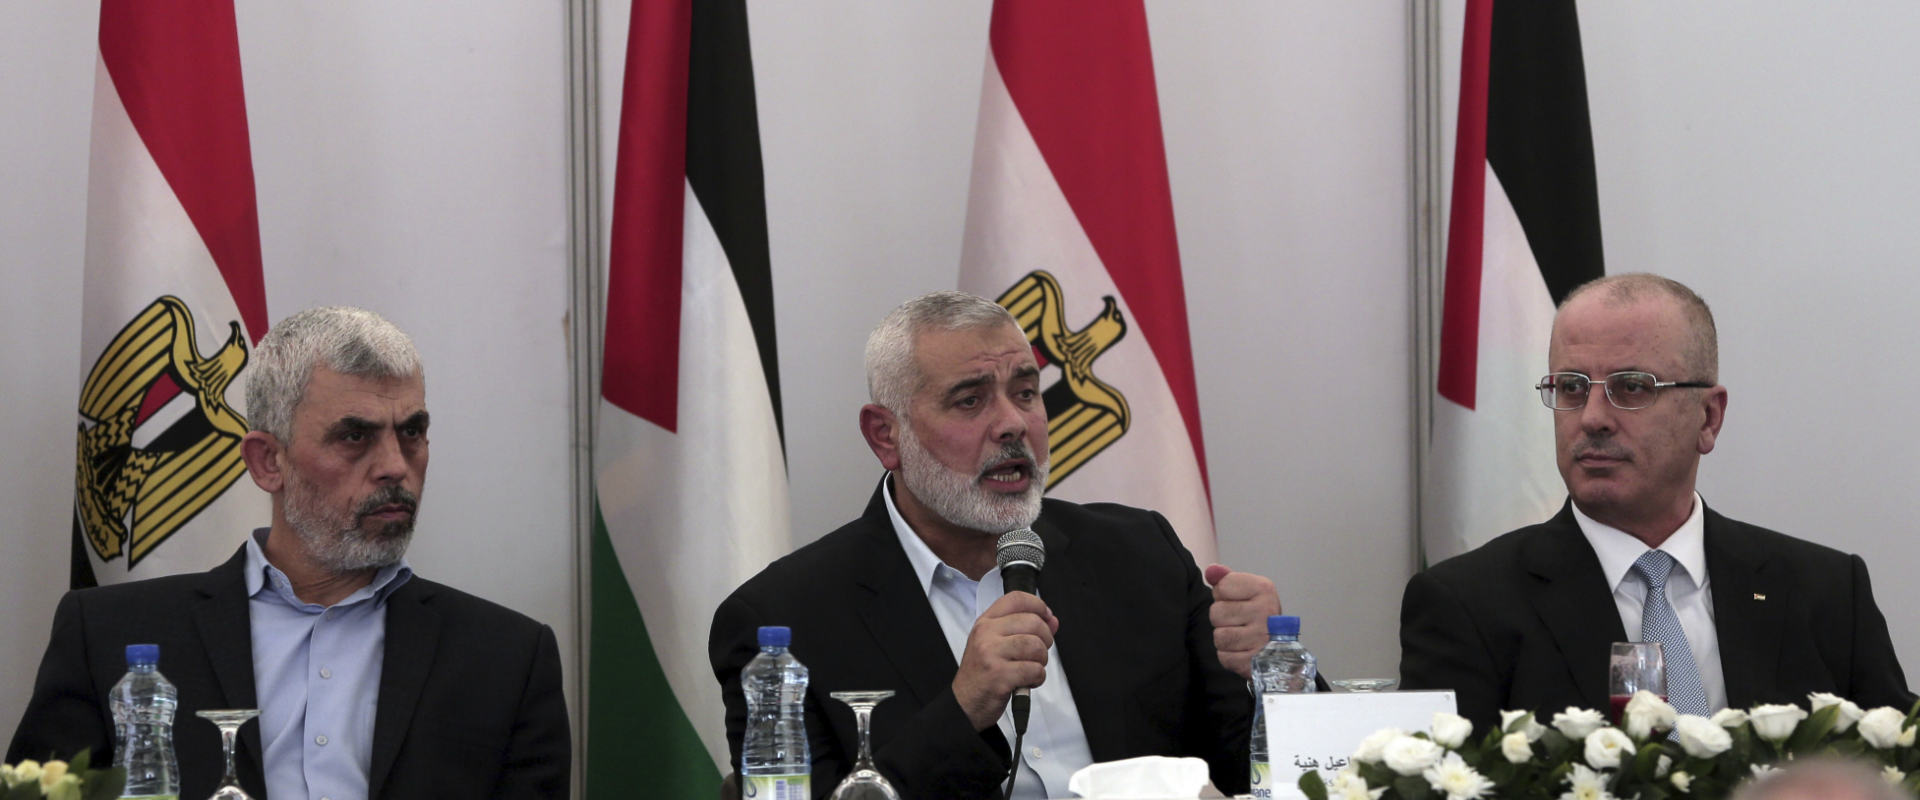 מימין: ראש הממשלה הפלסטיני ראמי חמדאללה, ראש הלשכה